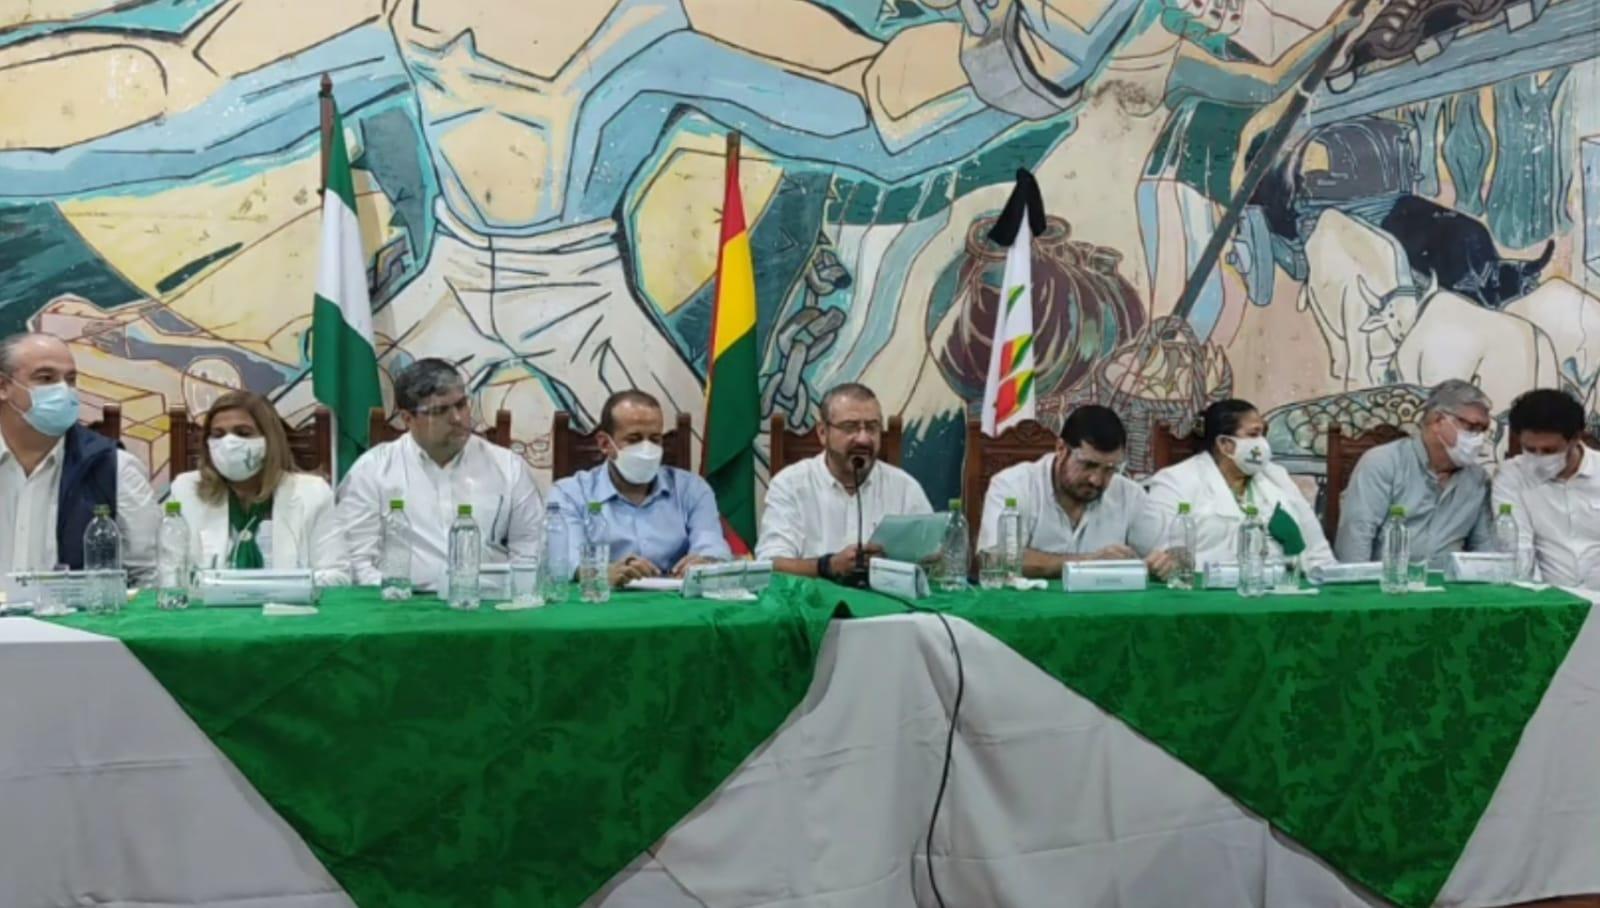 Asamblea de la Cruceñidad decide rearticular el movimiento cívico nacional y convoca a una marcha